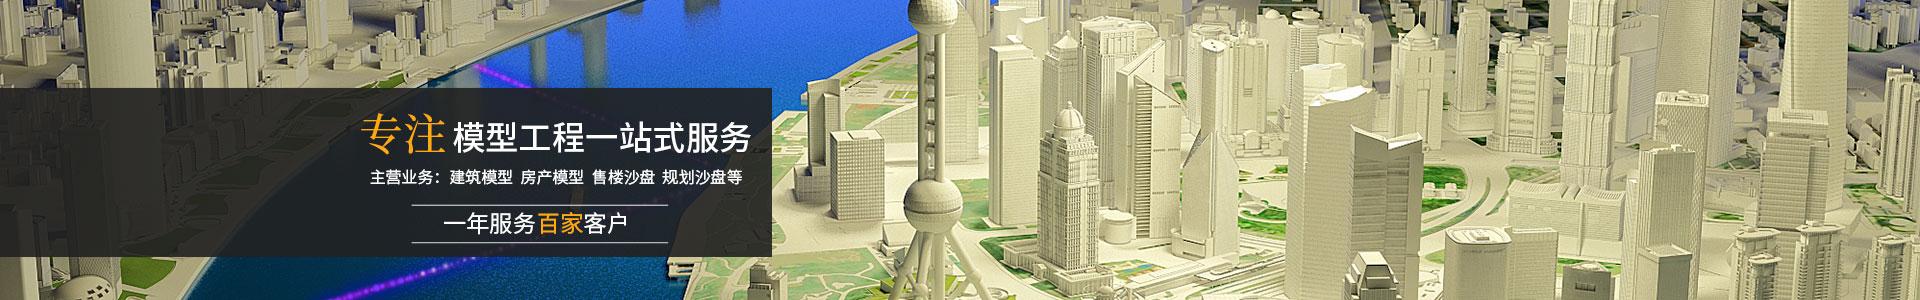 重庆沙盘模型制作公司